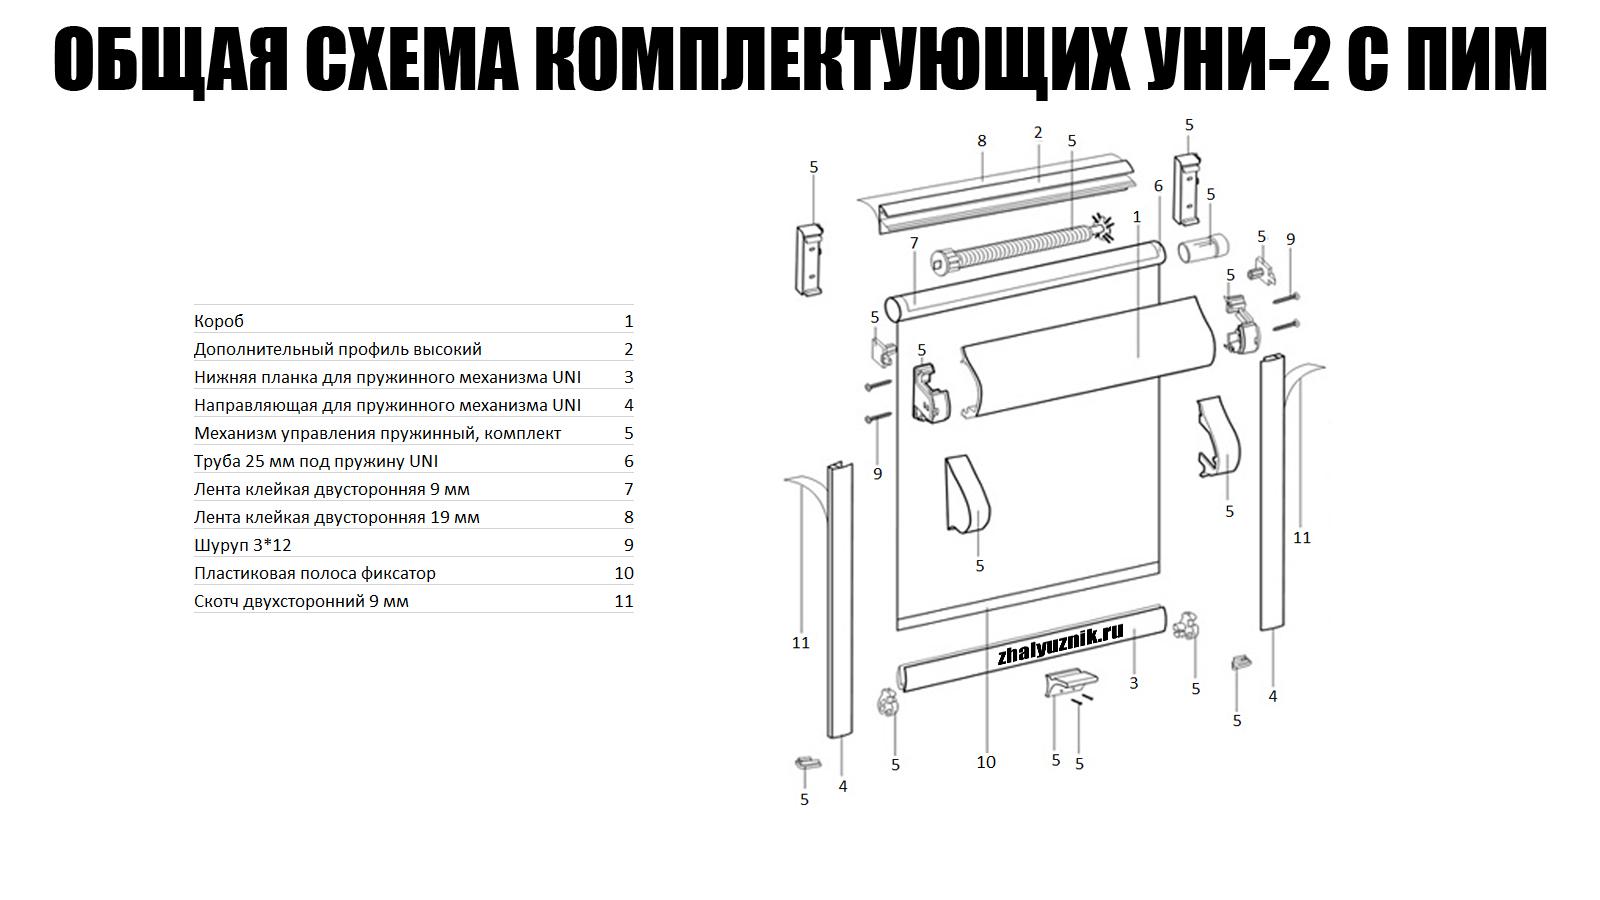 Фотошторы рулонные системы Уни-2 ПИМ (снизу-вверх) с тканью Плэйн (Интерсклад)